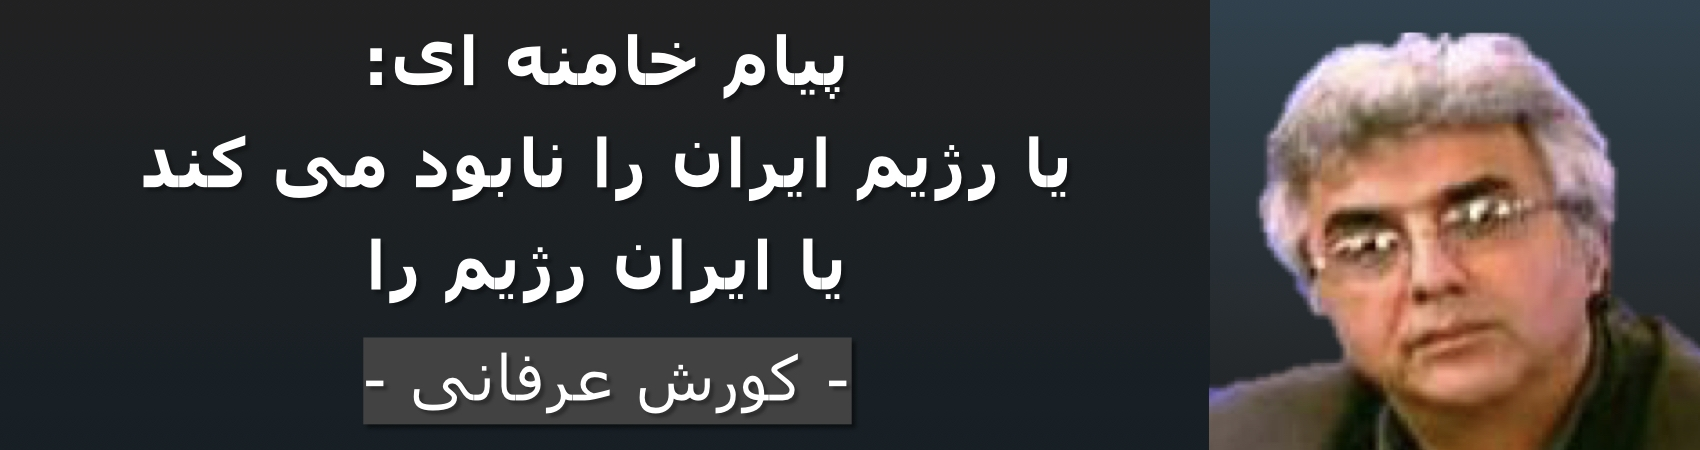 پیام خامنهای: یا رژیم ایران را نابود میکند یا ایران رژیم را